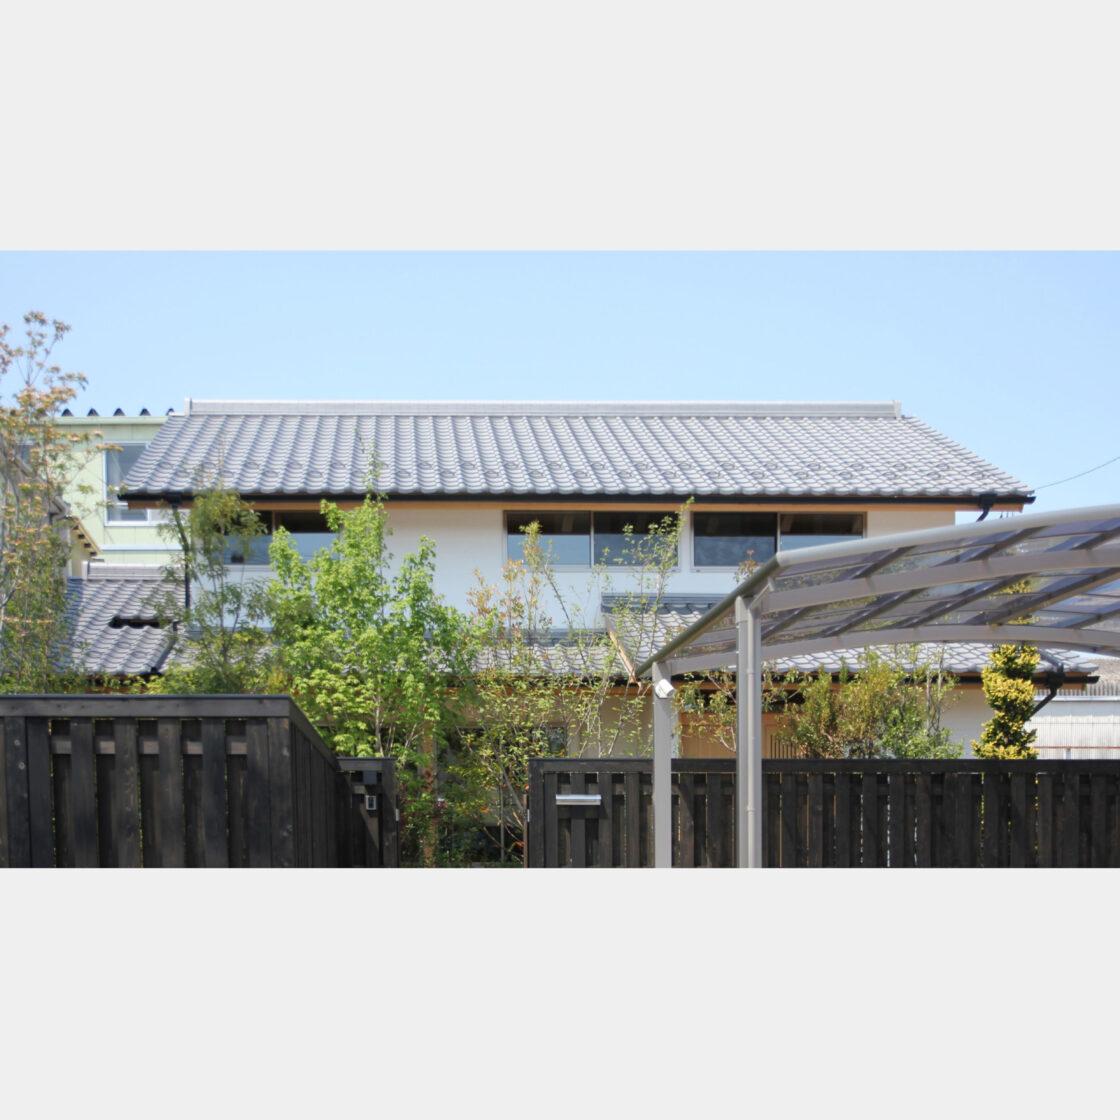 燻し瓦屋根の町家テイストの木造住宅の外観ファサード